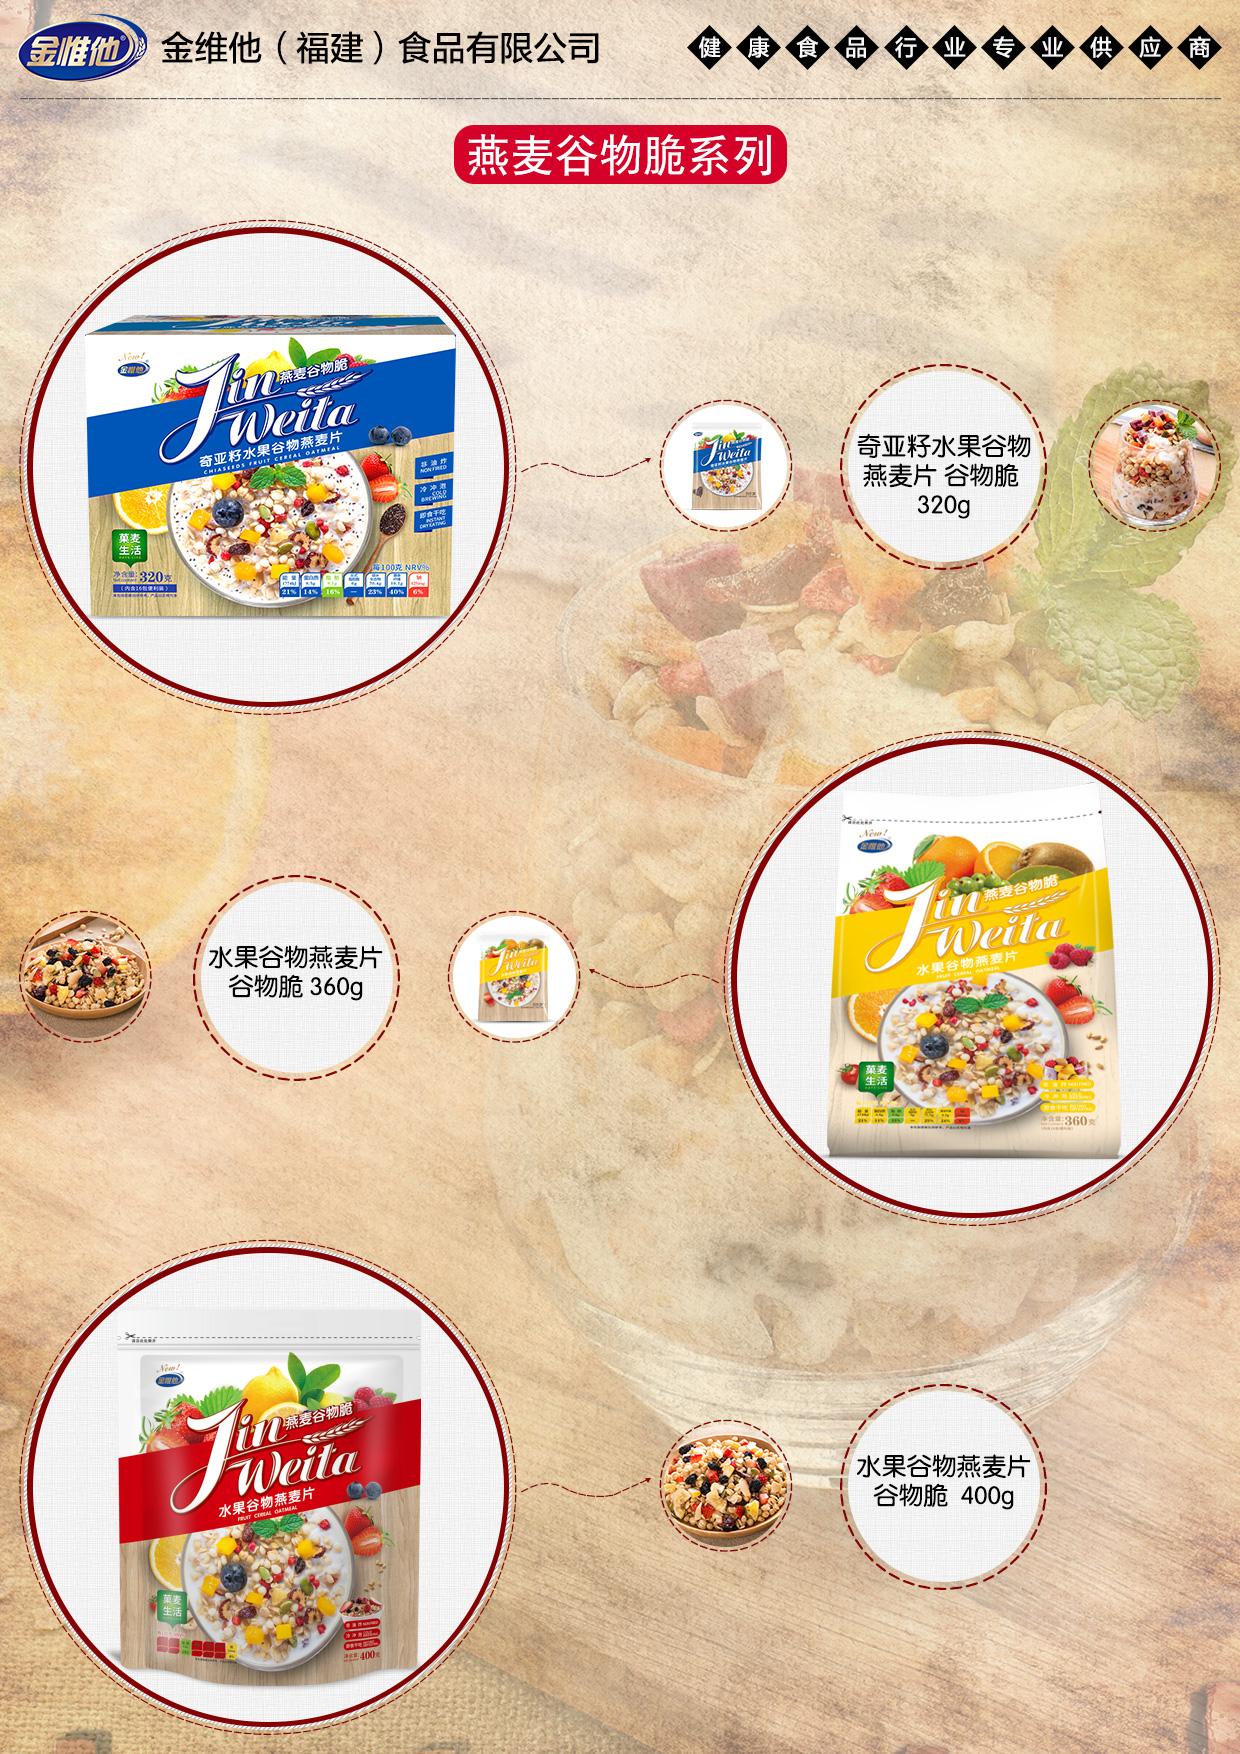 3-燕麦谷物脆系列